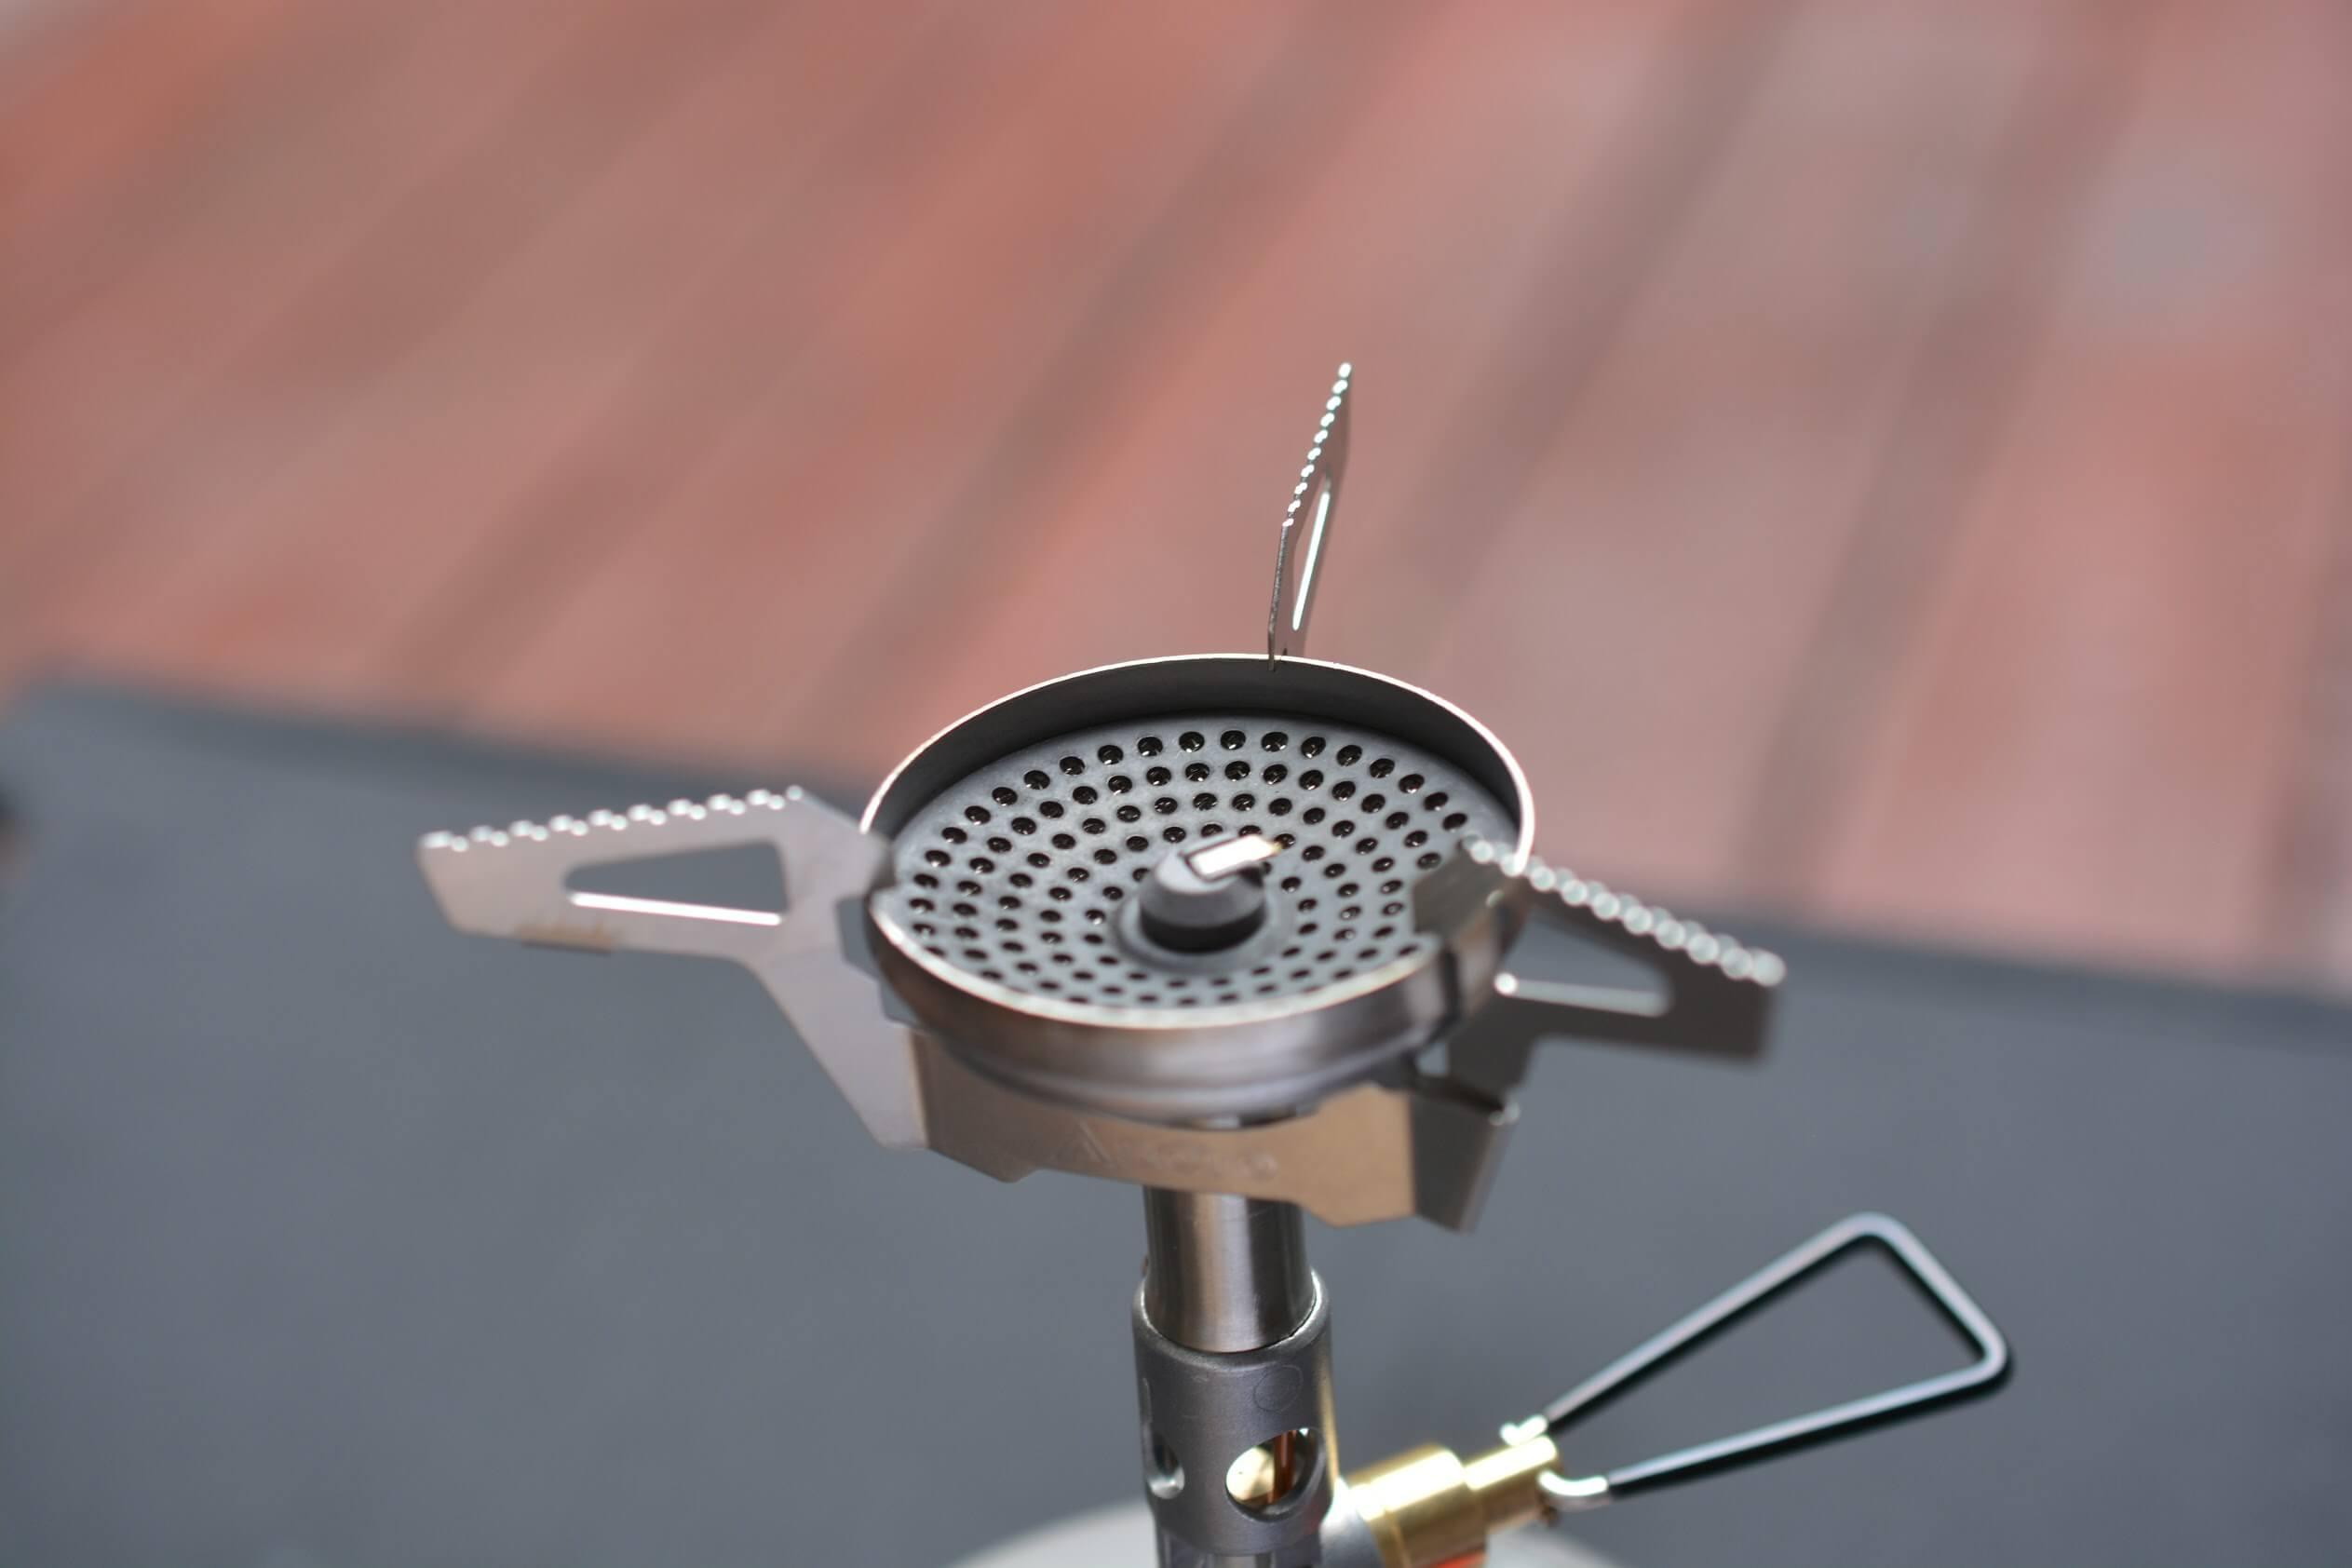 SOTO ウィンドマスター[SOD-310] バーナー&ゴトク